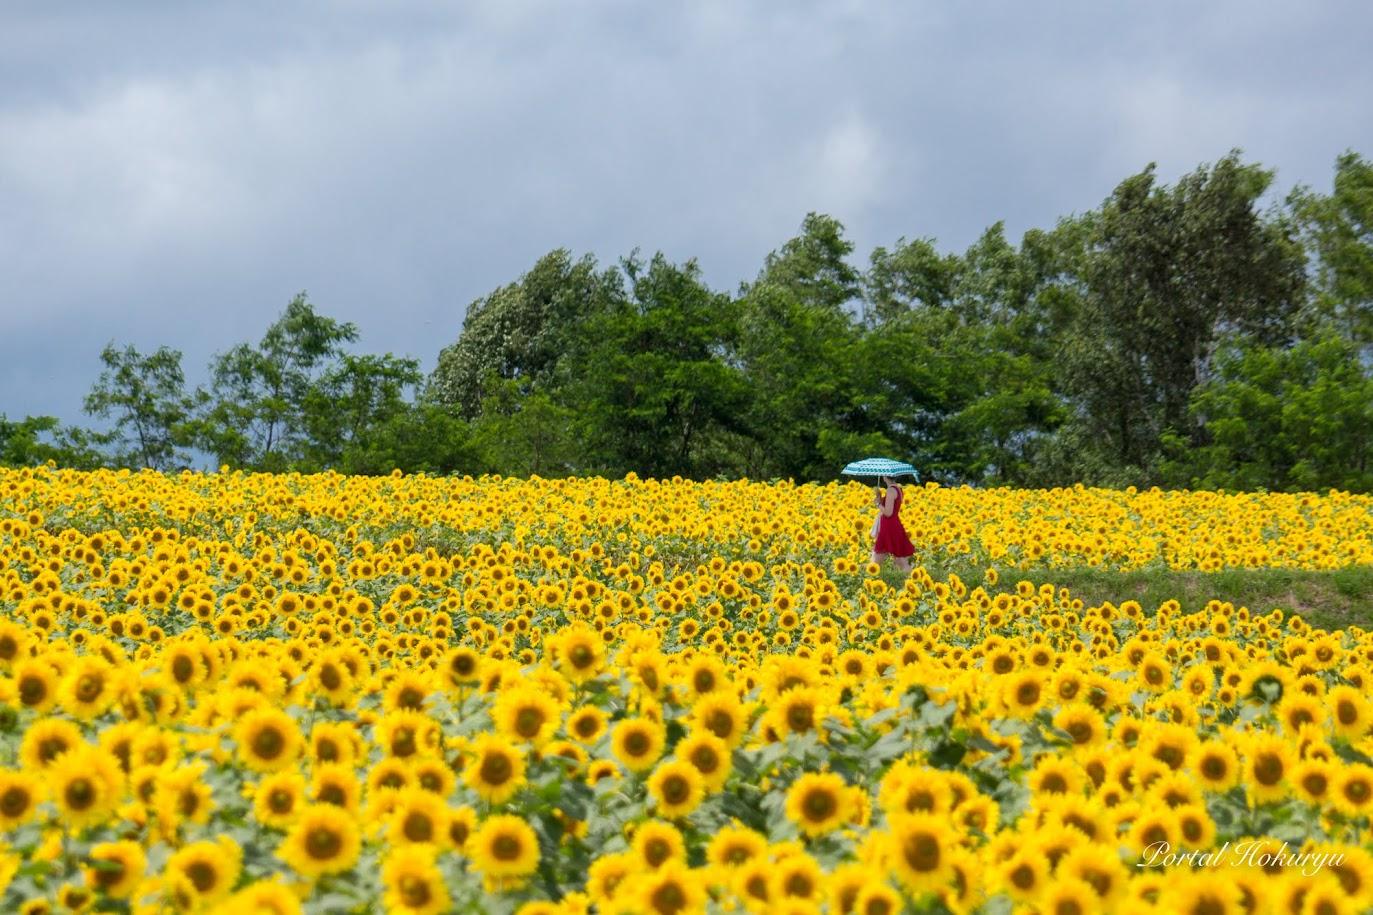 ひまわり畑と日傘の女性